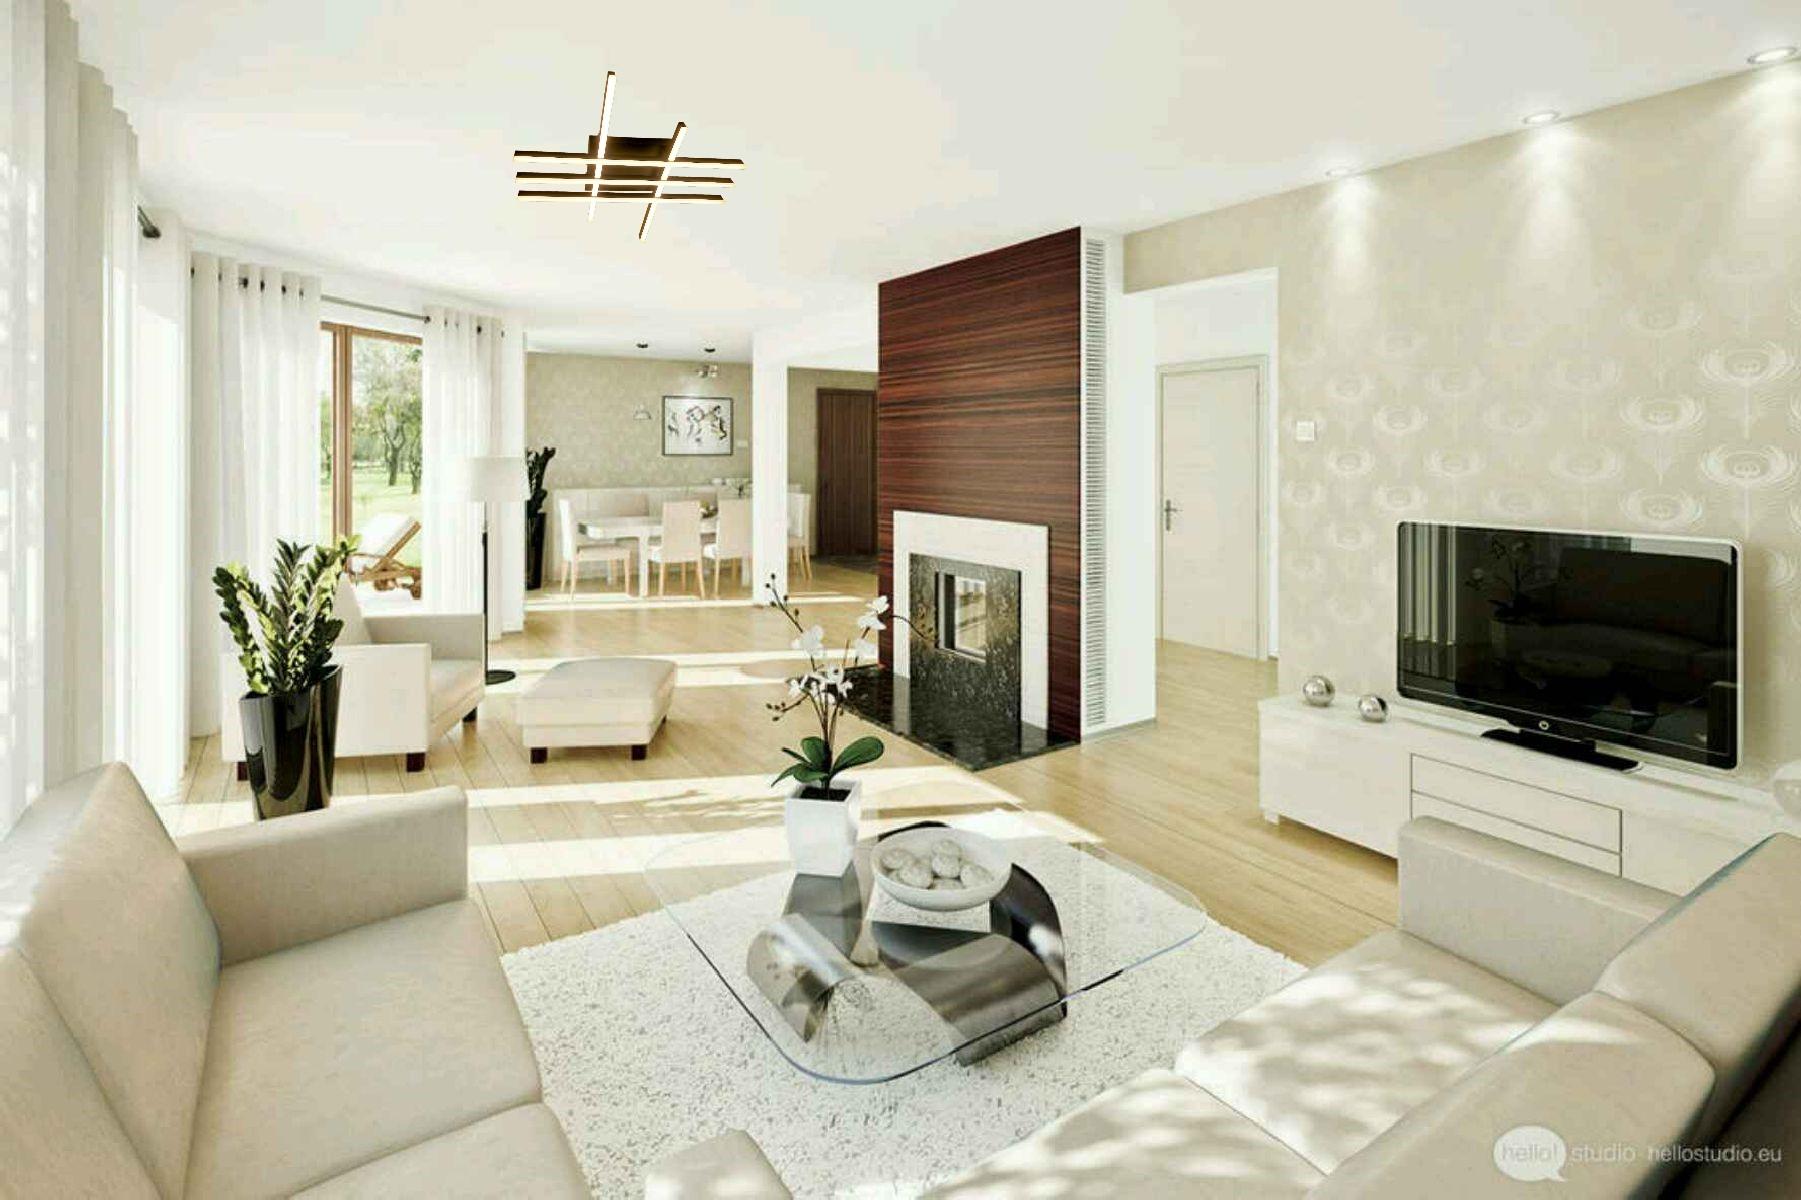 Luminária Plafon De Led Moderno 65cm Preto Para Sala Quarto Corredor Hall Área Gourmet